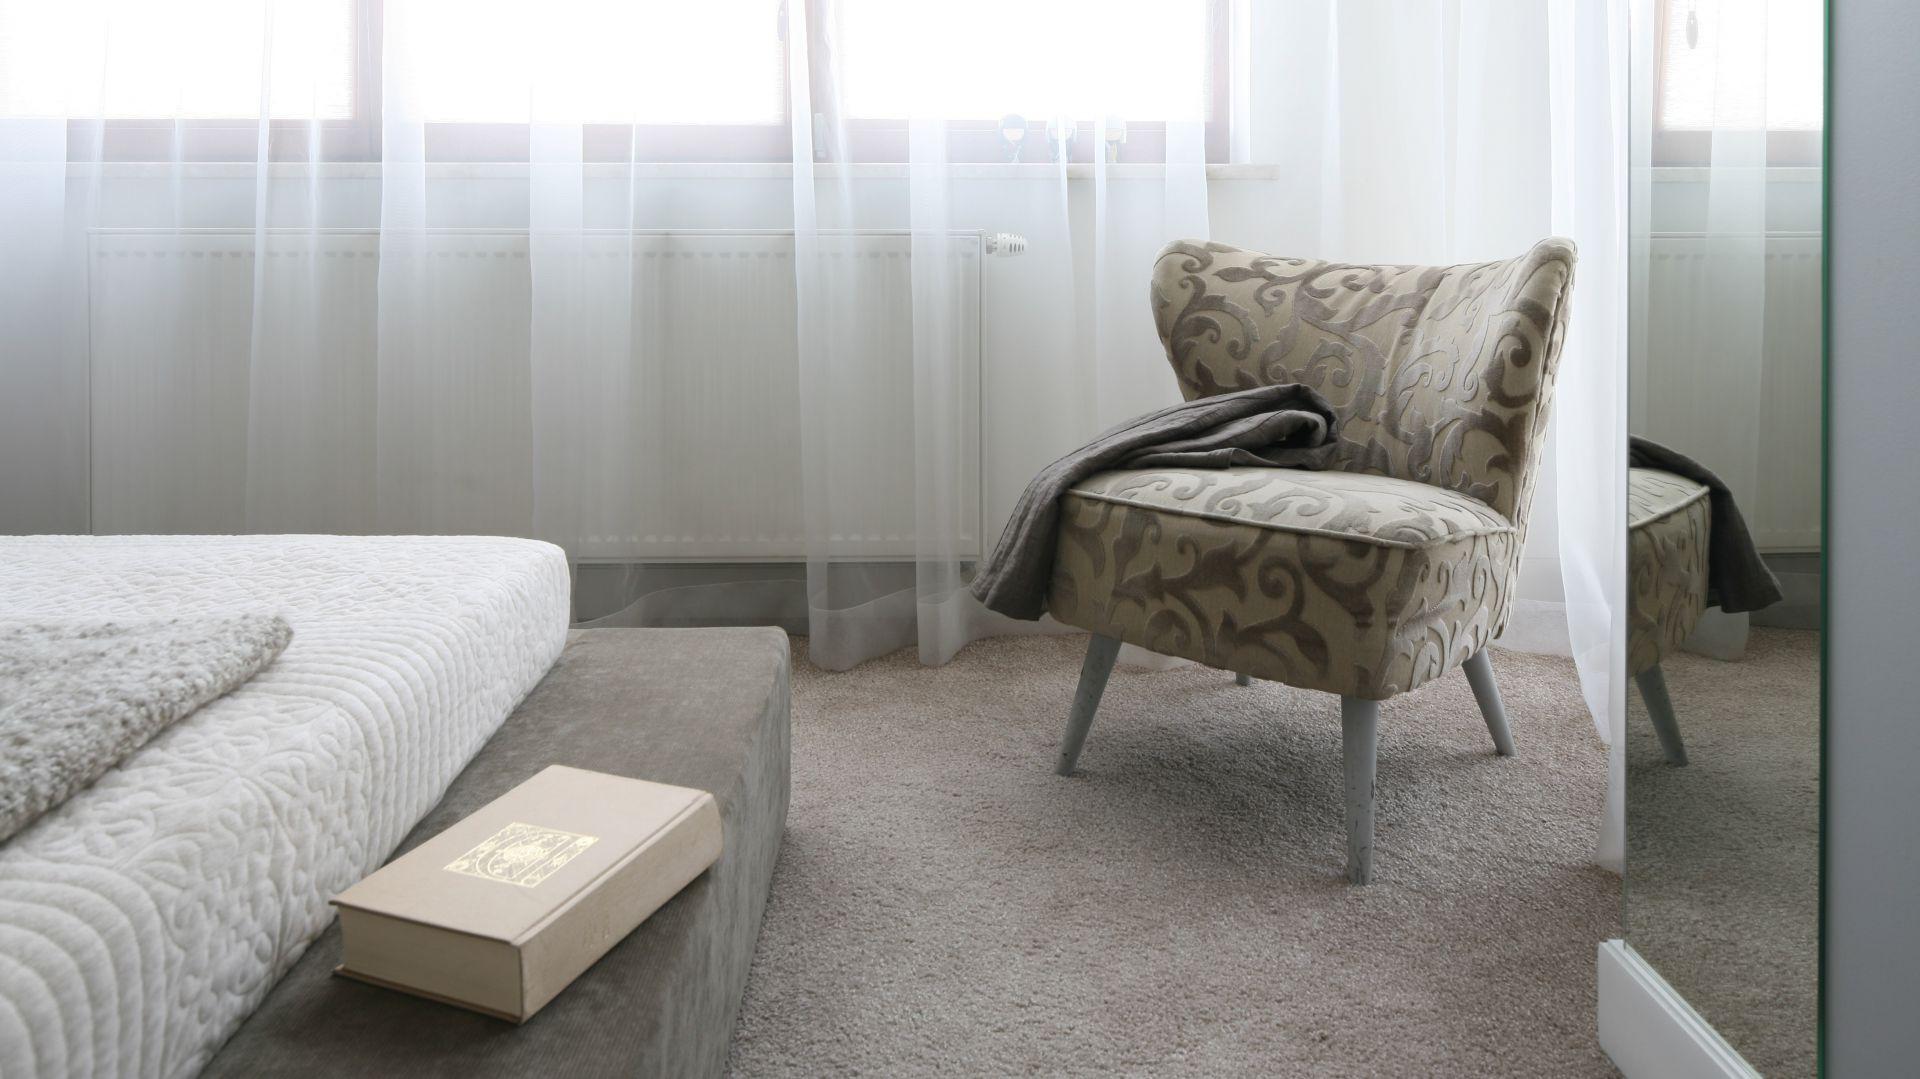 Połączenie neutralnych barw mebli, ścian i podłogi tworzy przytulne wnętrze.  Fot. Bartosz Jarosz.